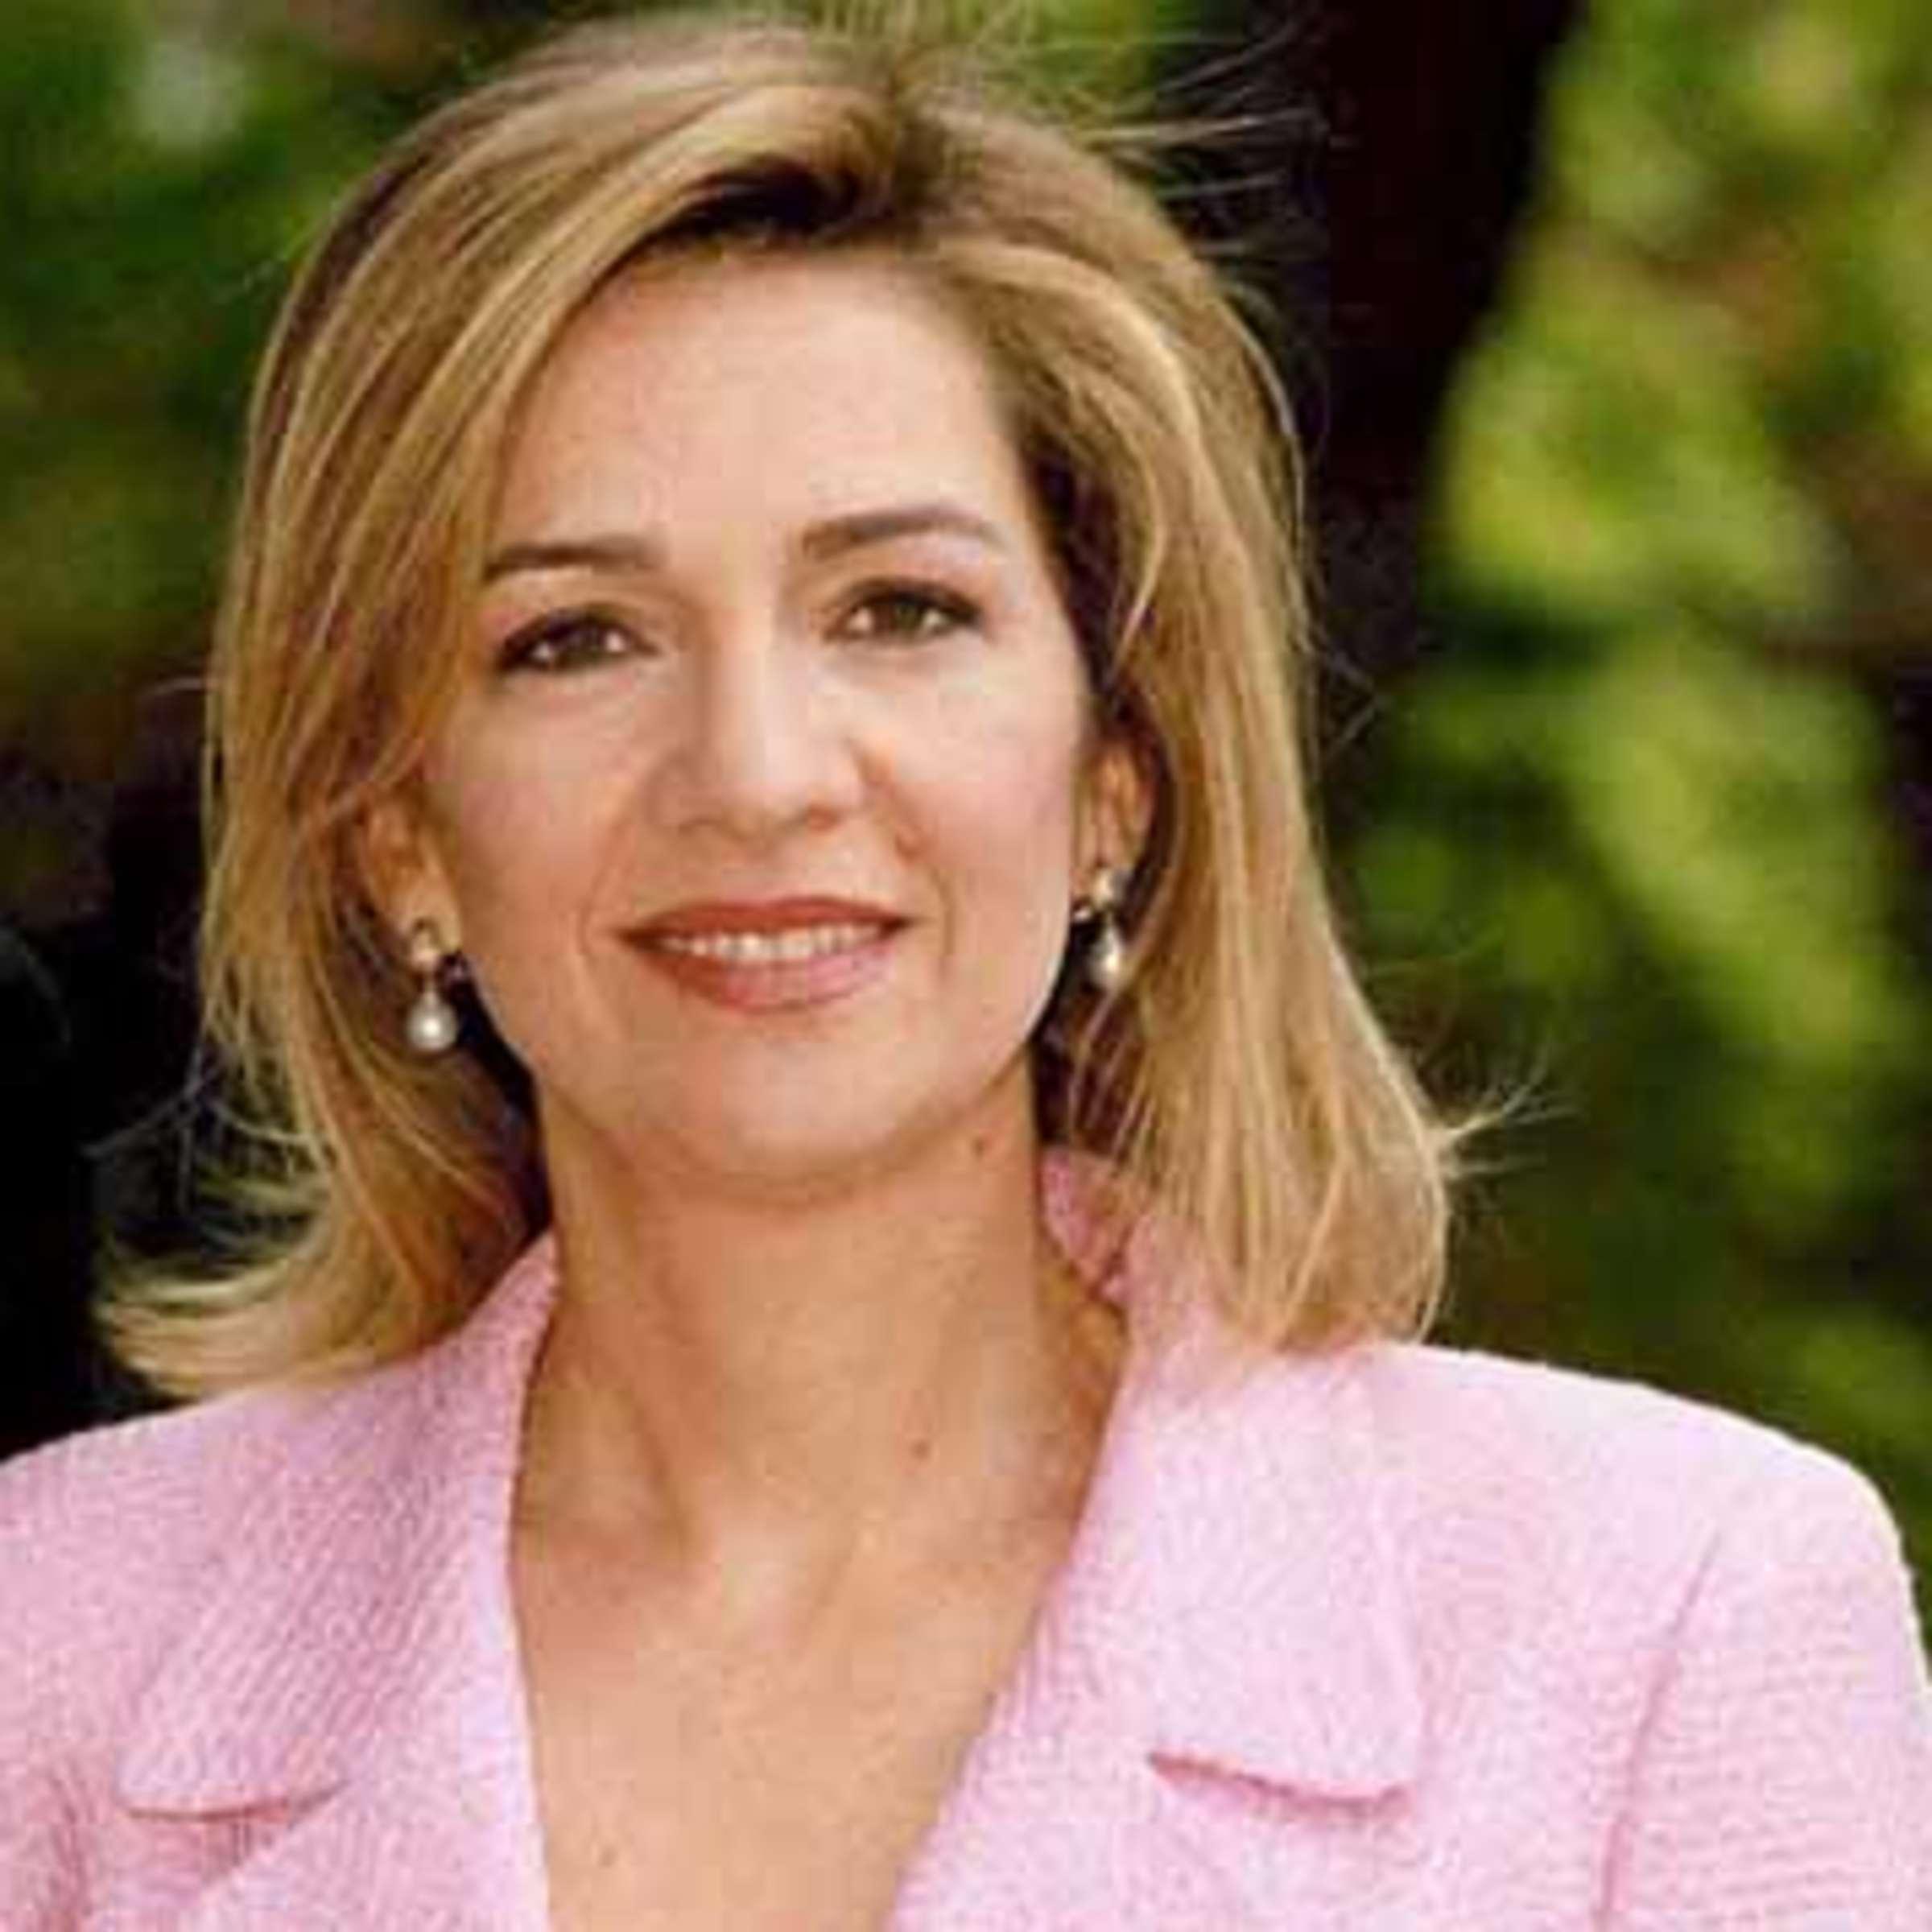 Spanien hochzeit prinzessin elena von Elena von